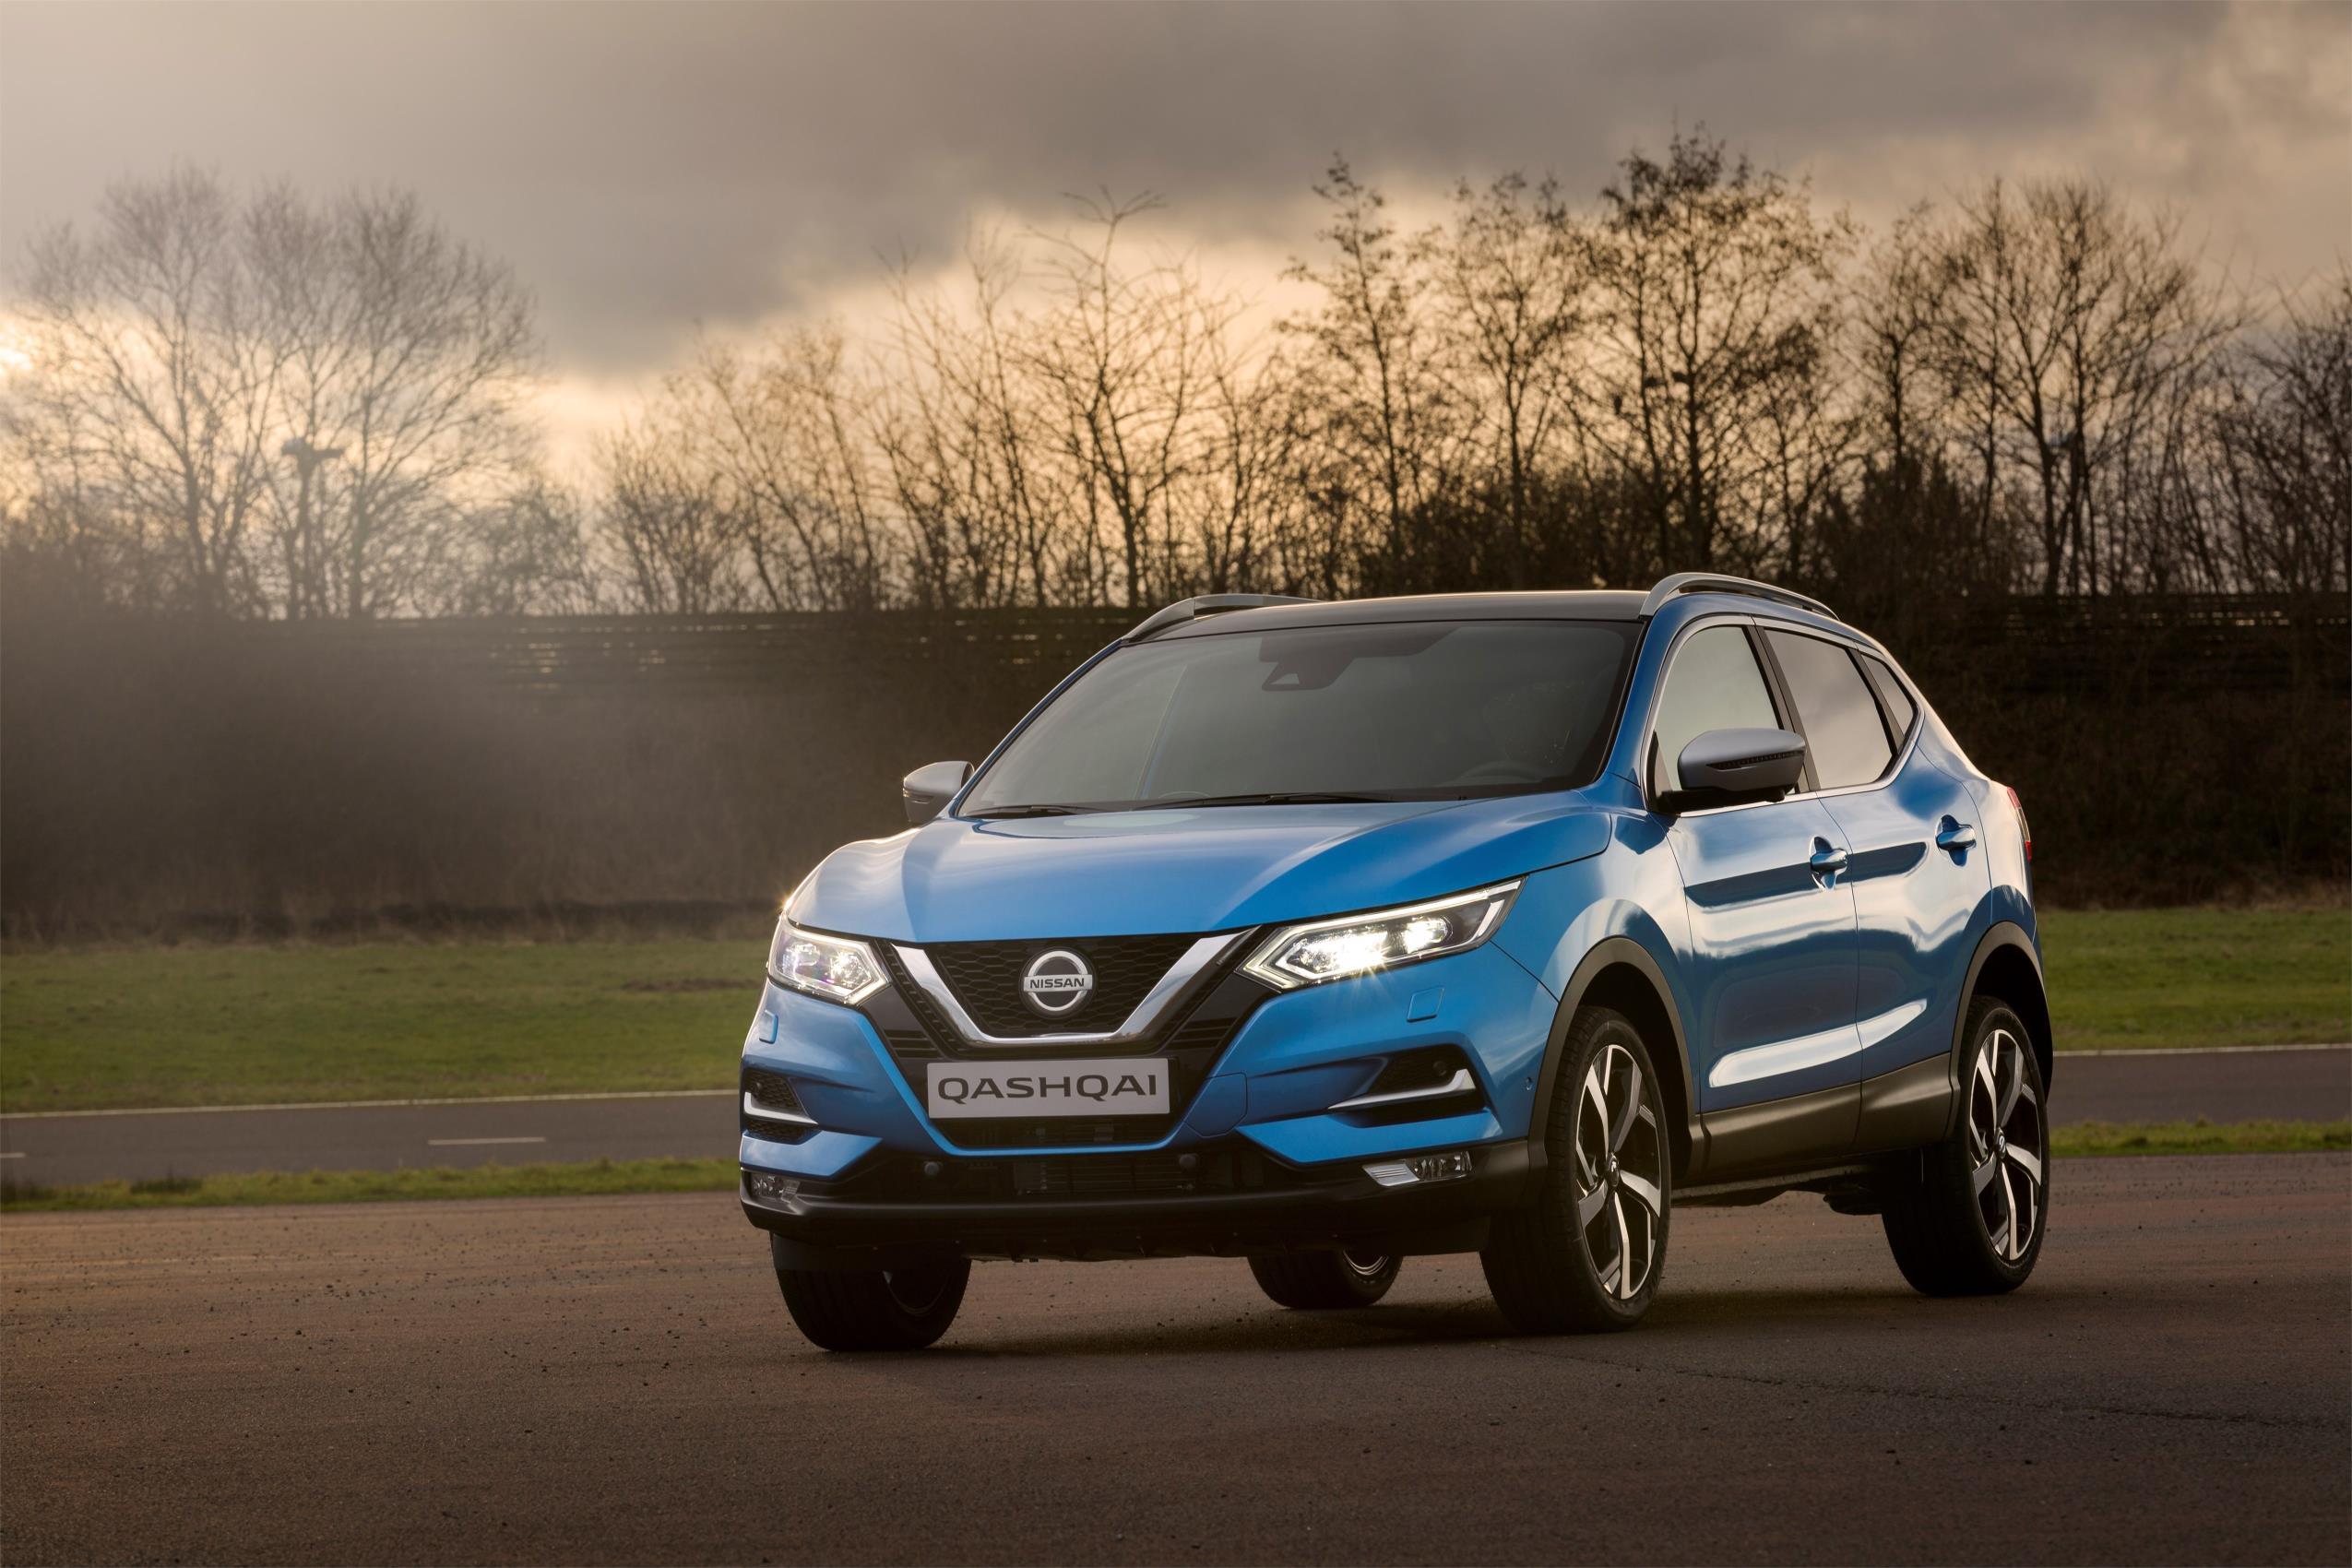 El Nissan Qasqhai, referencia dentro de un sector, el del crossover, cuyas ventas continúan al alza.